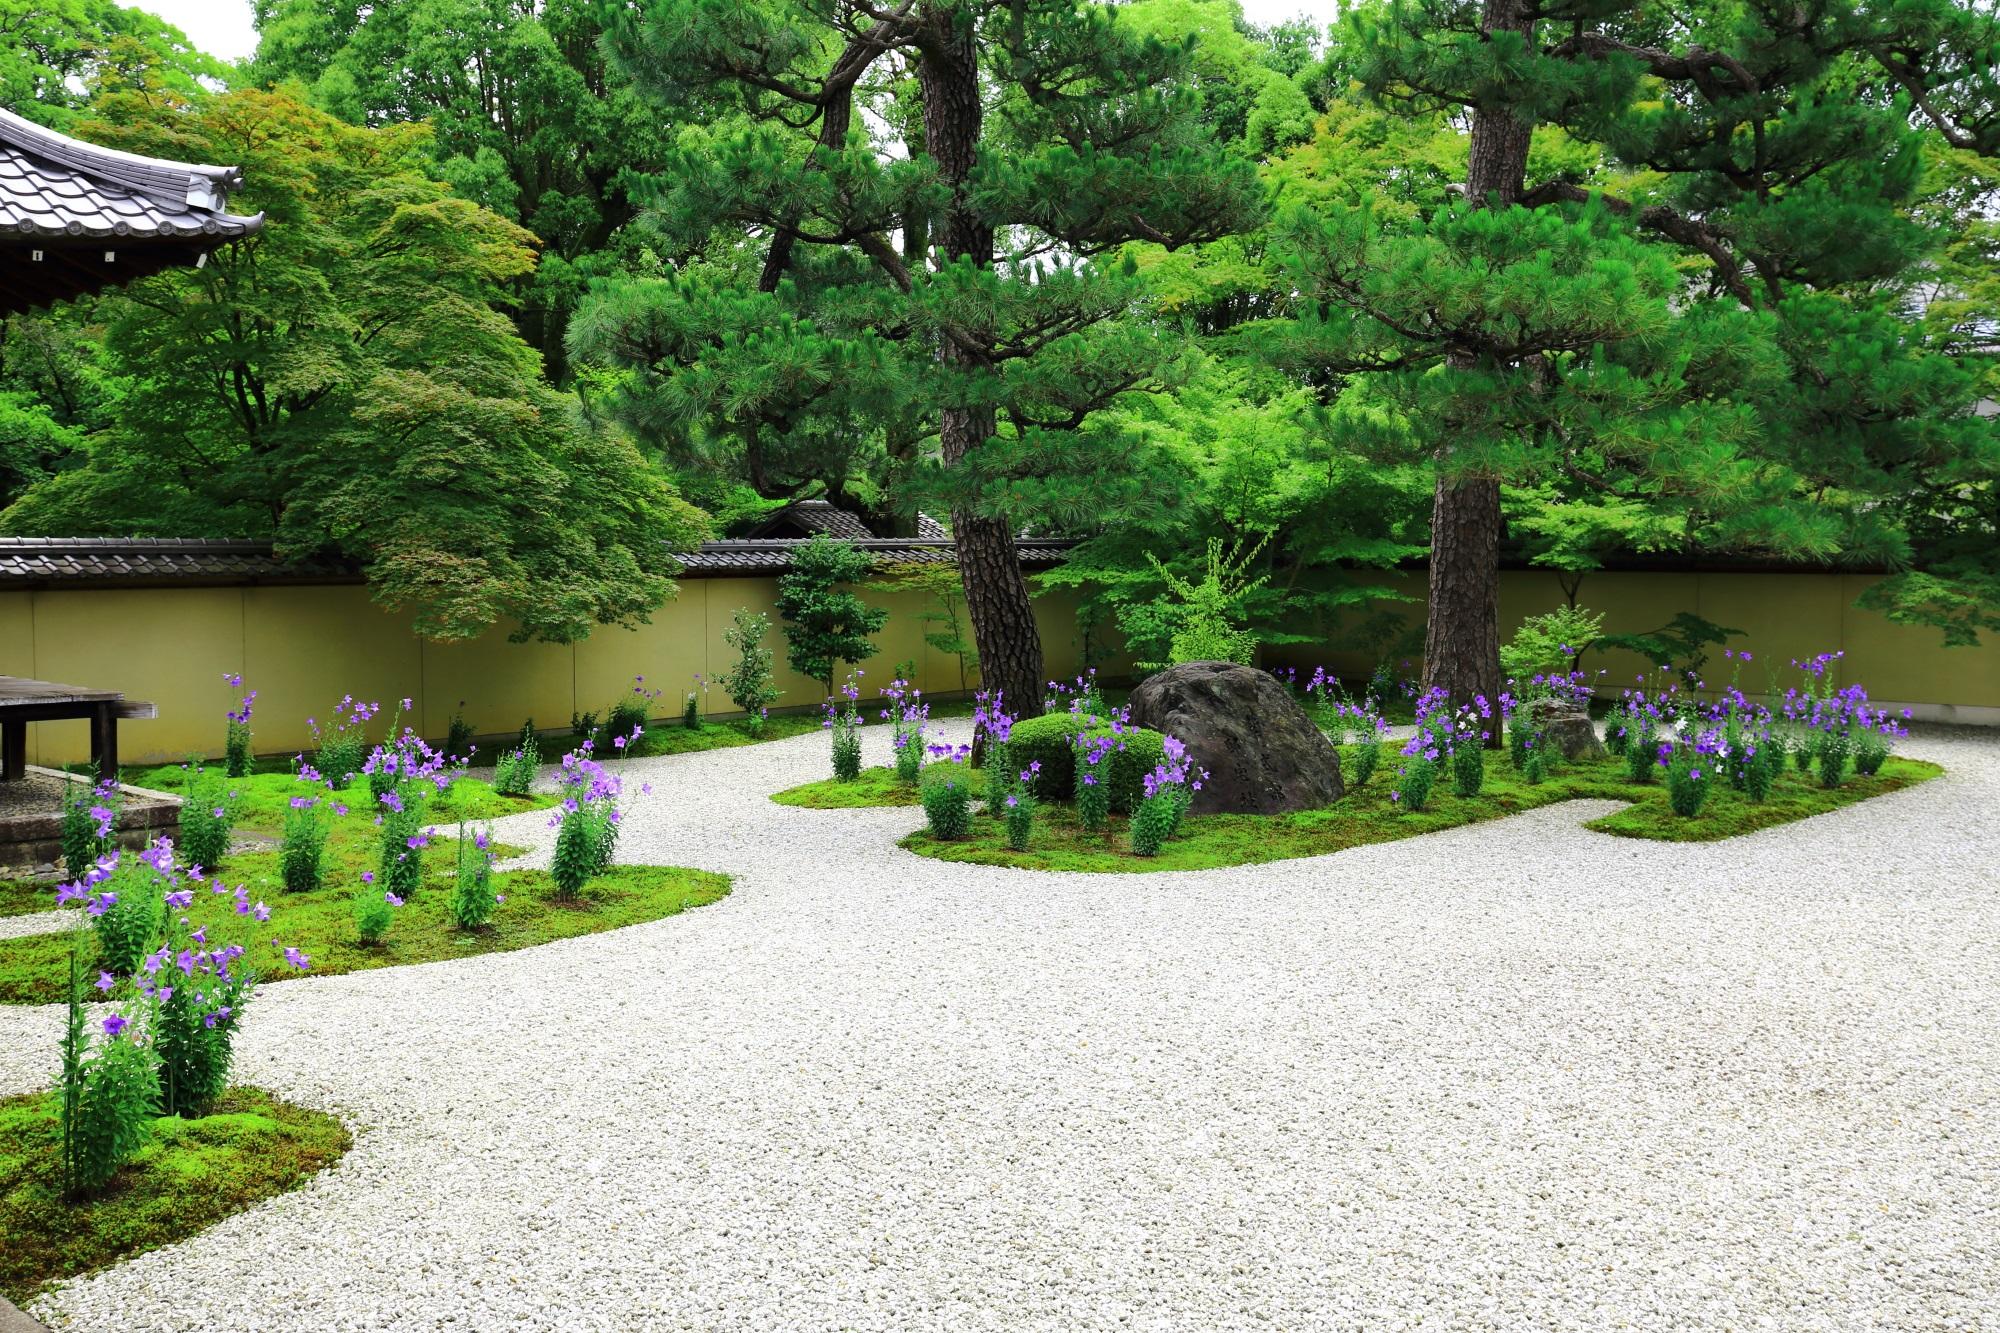 青もみじや松などの深い緑に覆われた源氏庭の背景